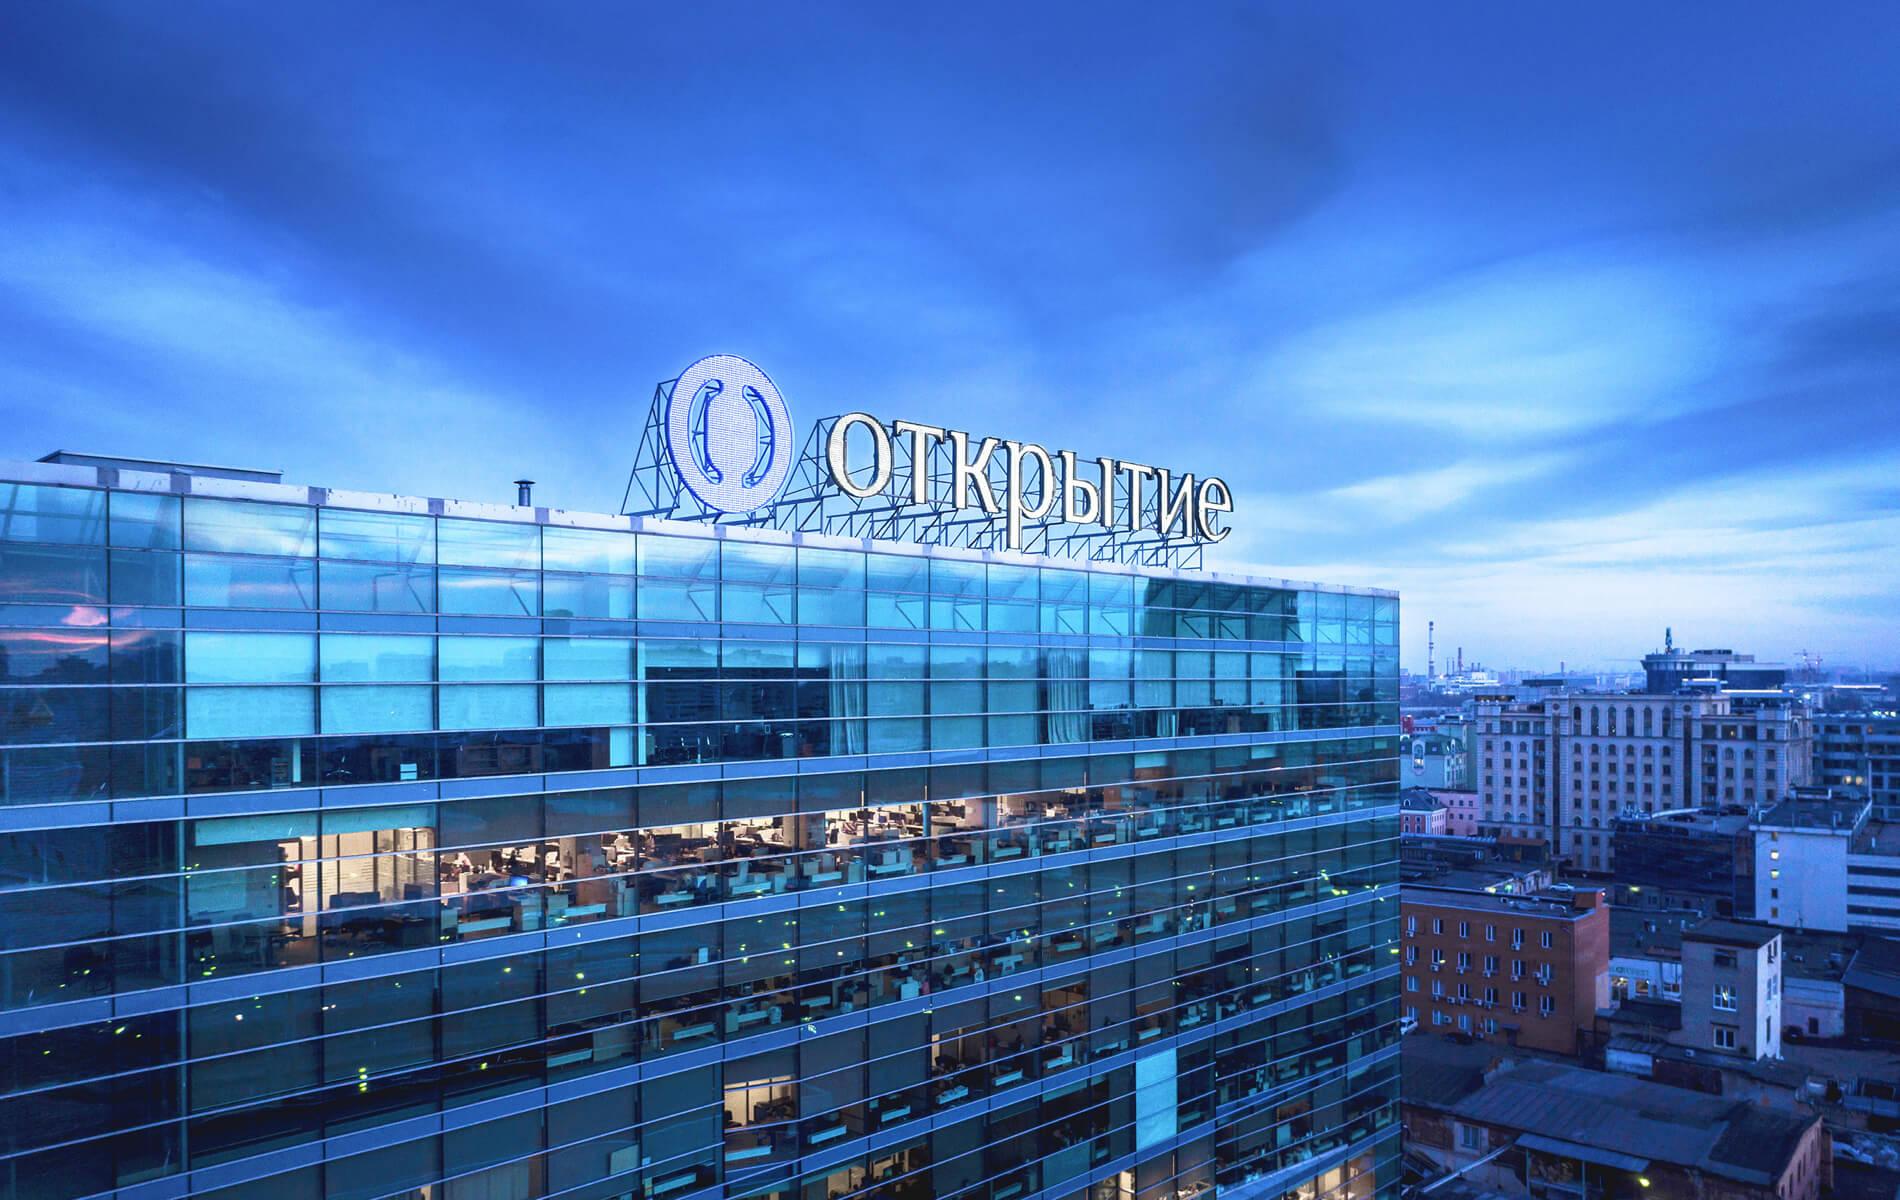 Чистая прибыль банка «Открытие» по итогам первого полугодия 2020 года составила 23,9 млрд рублей